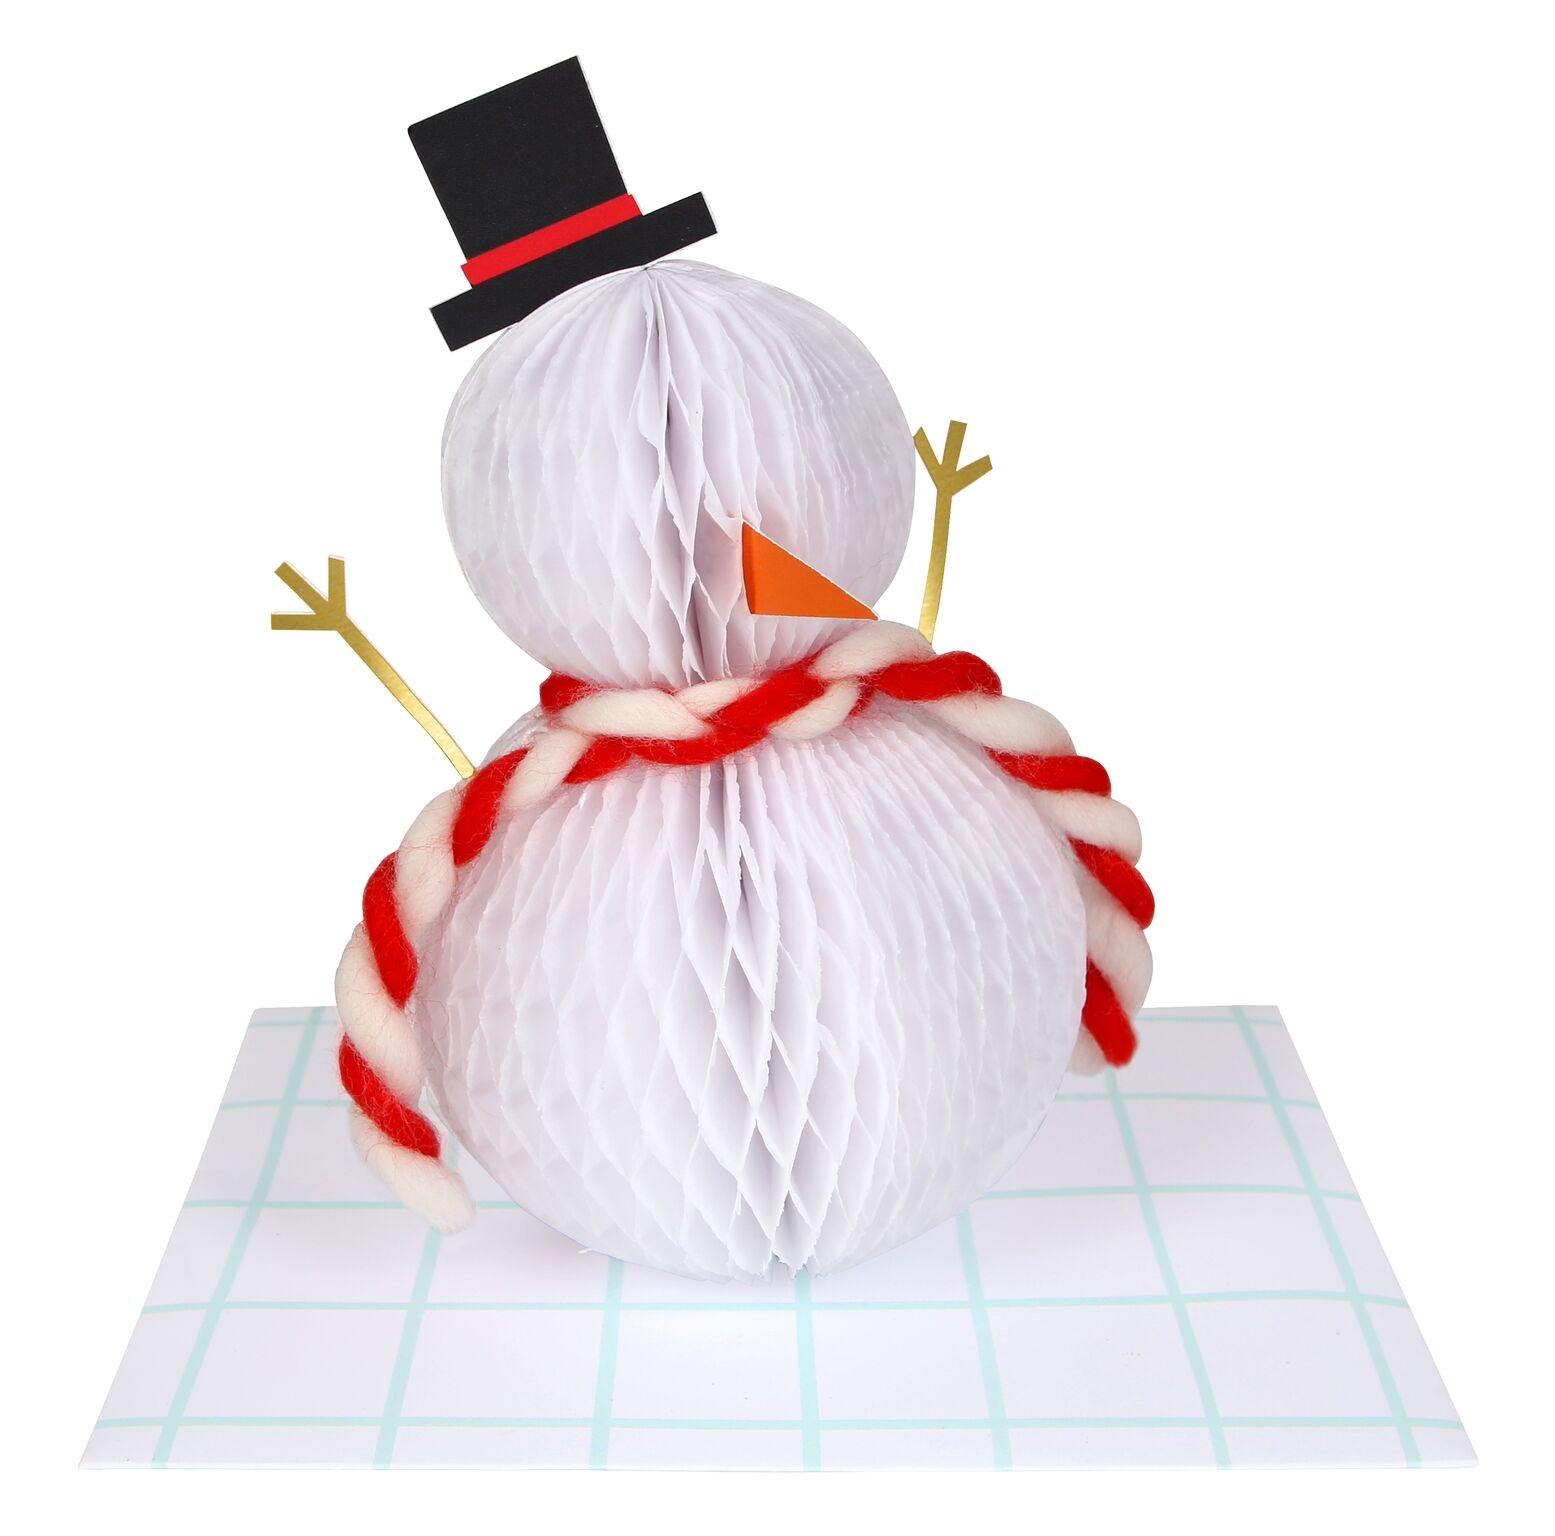 72932f9ae5a8a 3D Honeycomb Snowman Christmas Card